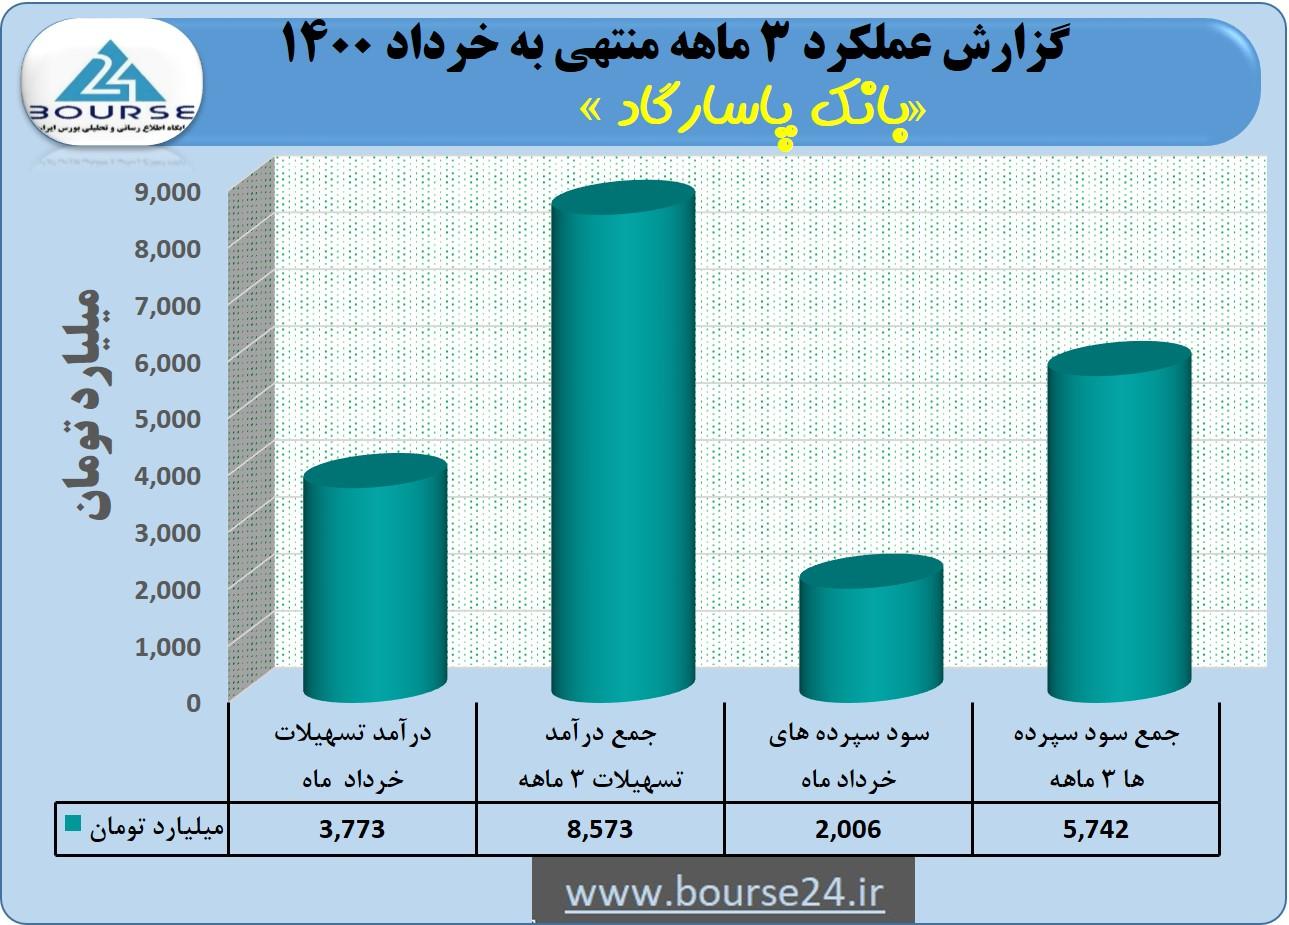 تراز بانک پاسارگاد در خرداد ماه مثبت بود